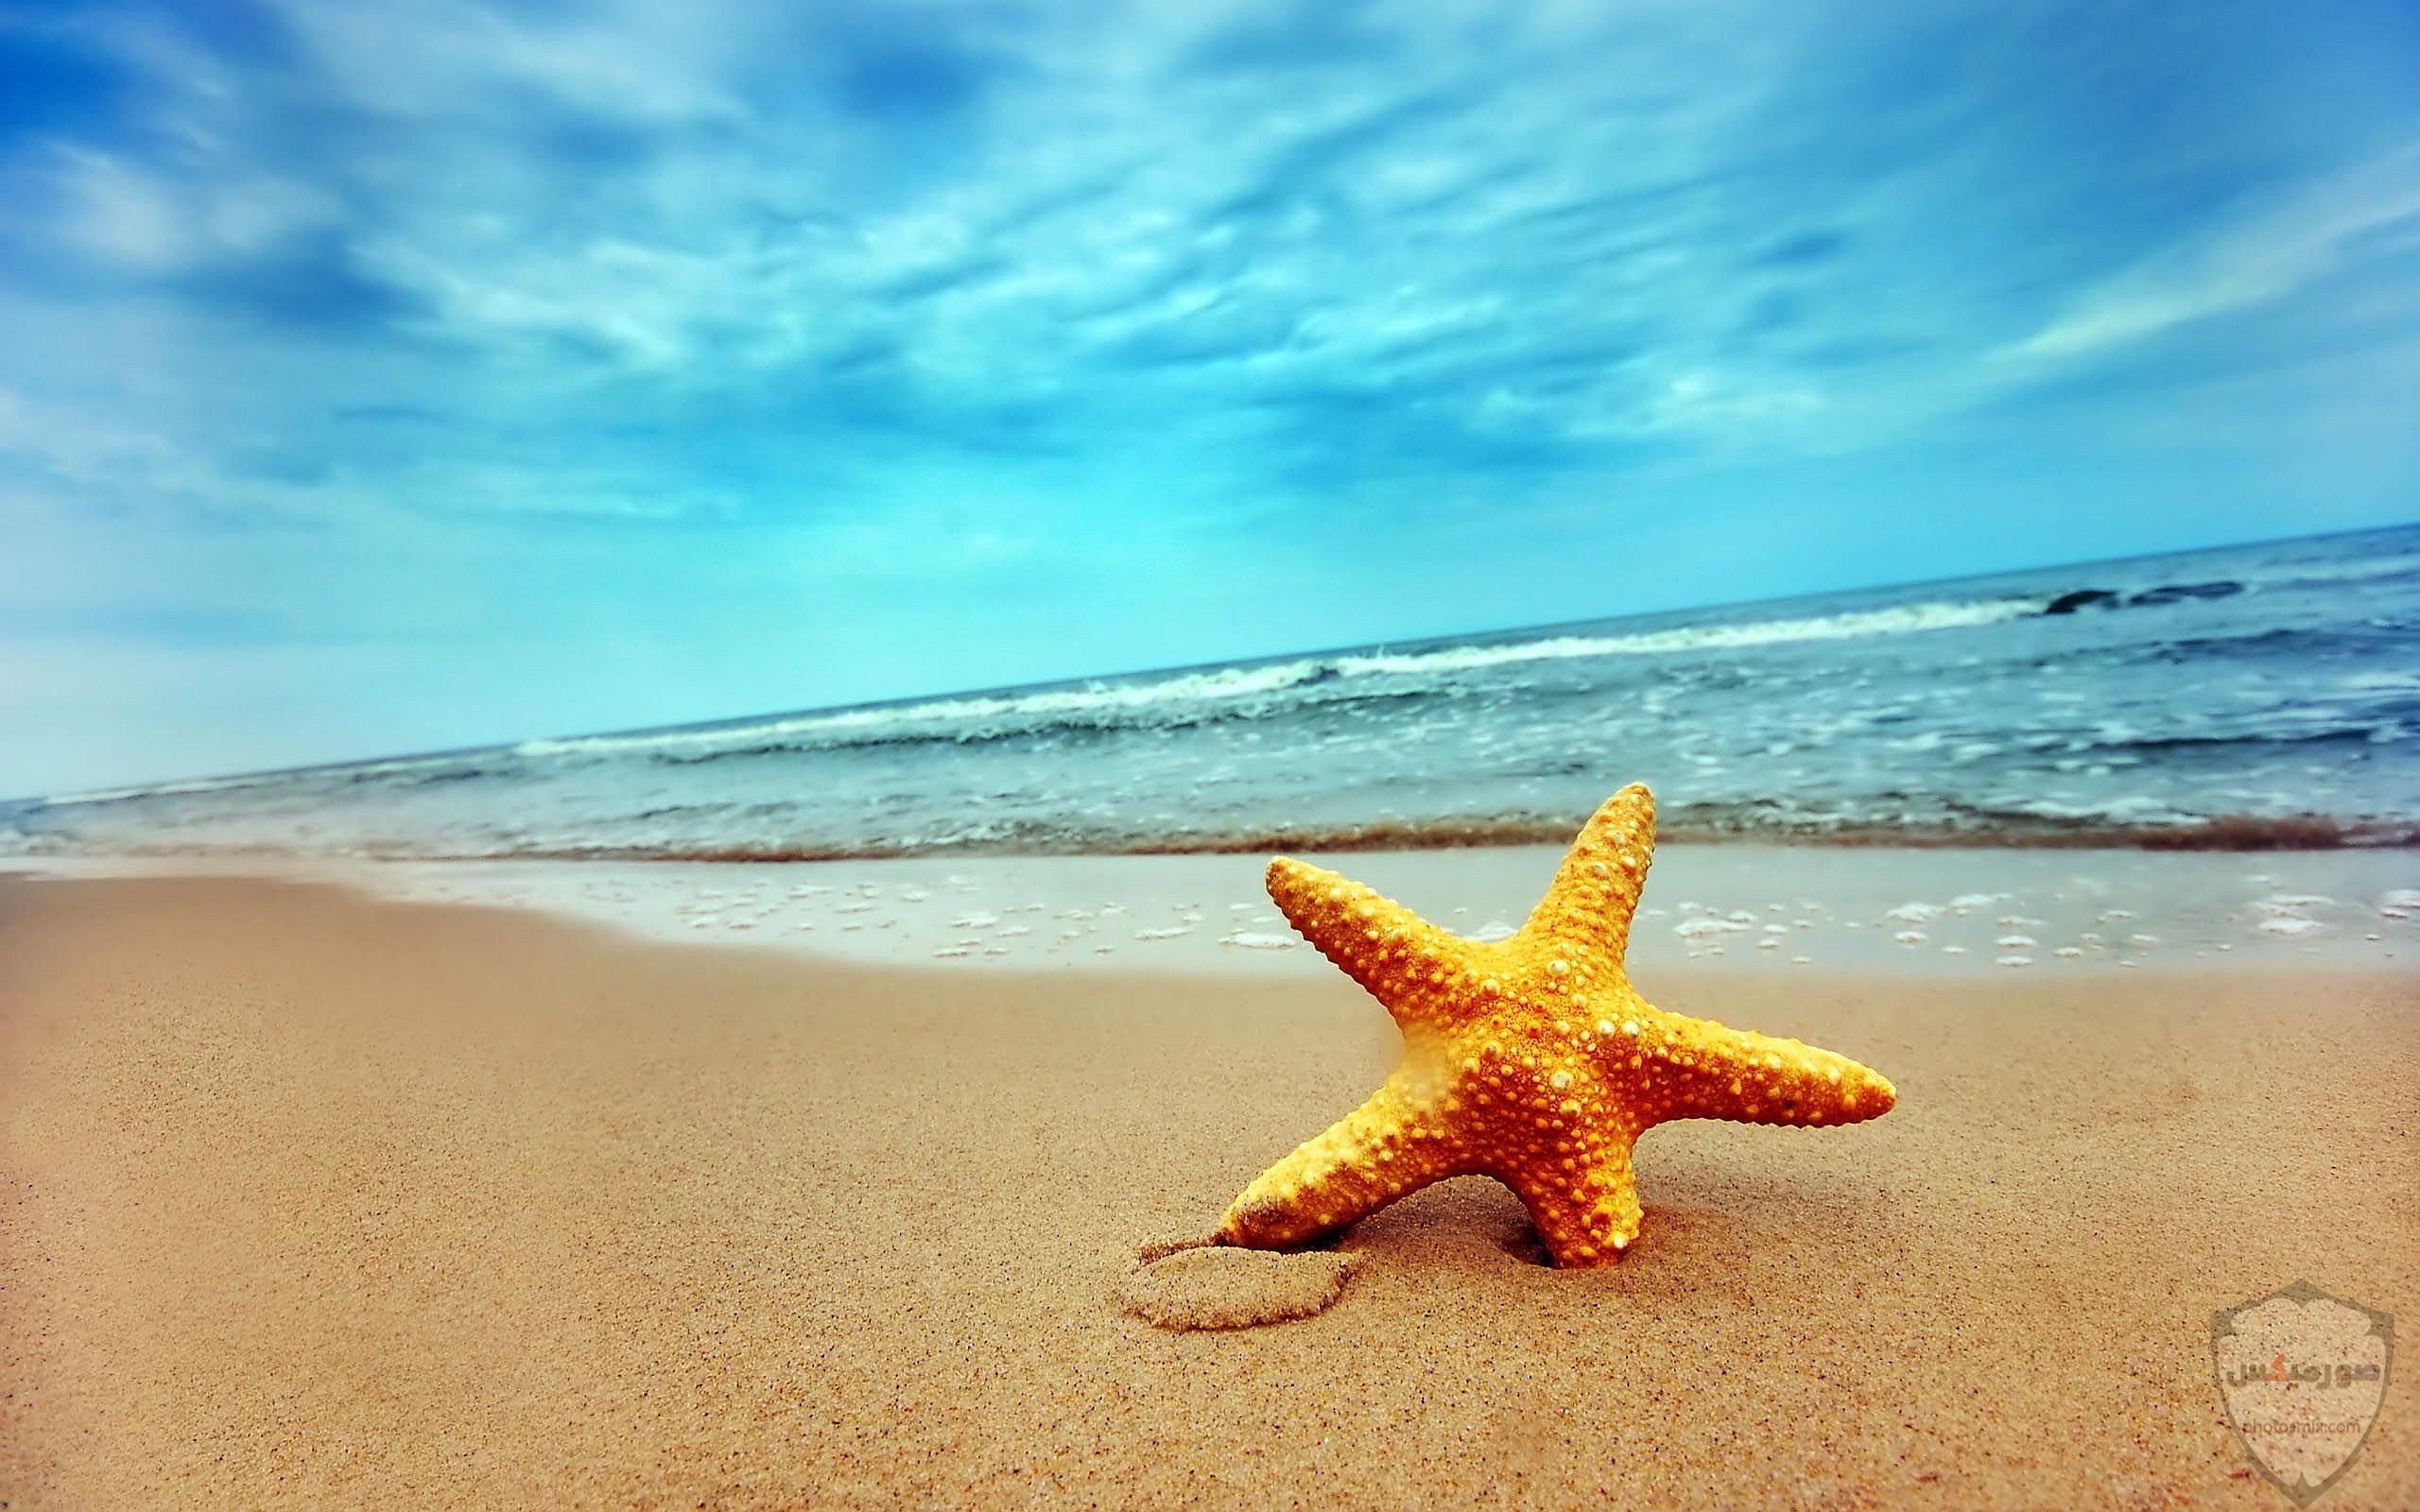 صور بحر وشاطئ صور وخلفيات بحور وشواطئ جميلة اجمل خلفيات بحار جودة عالية 15